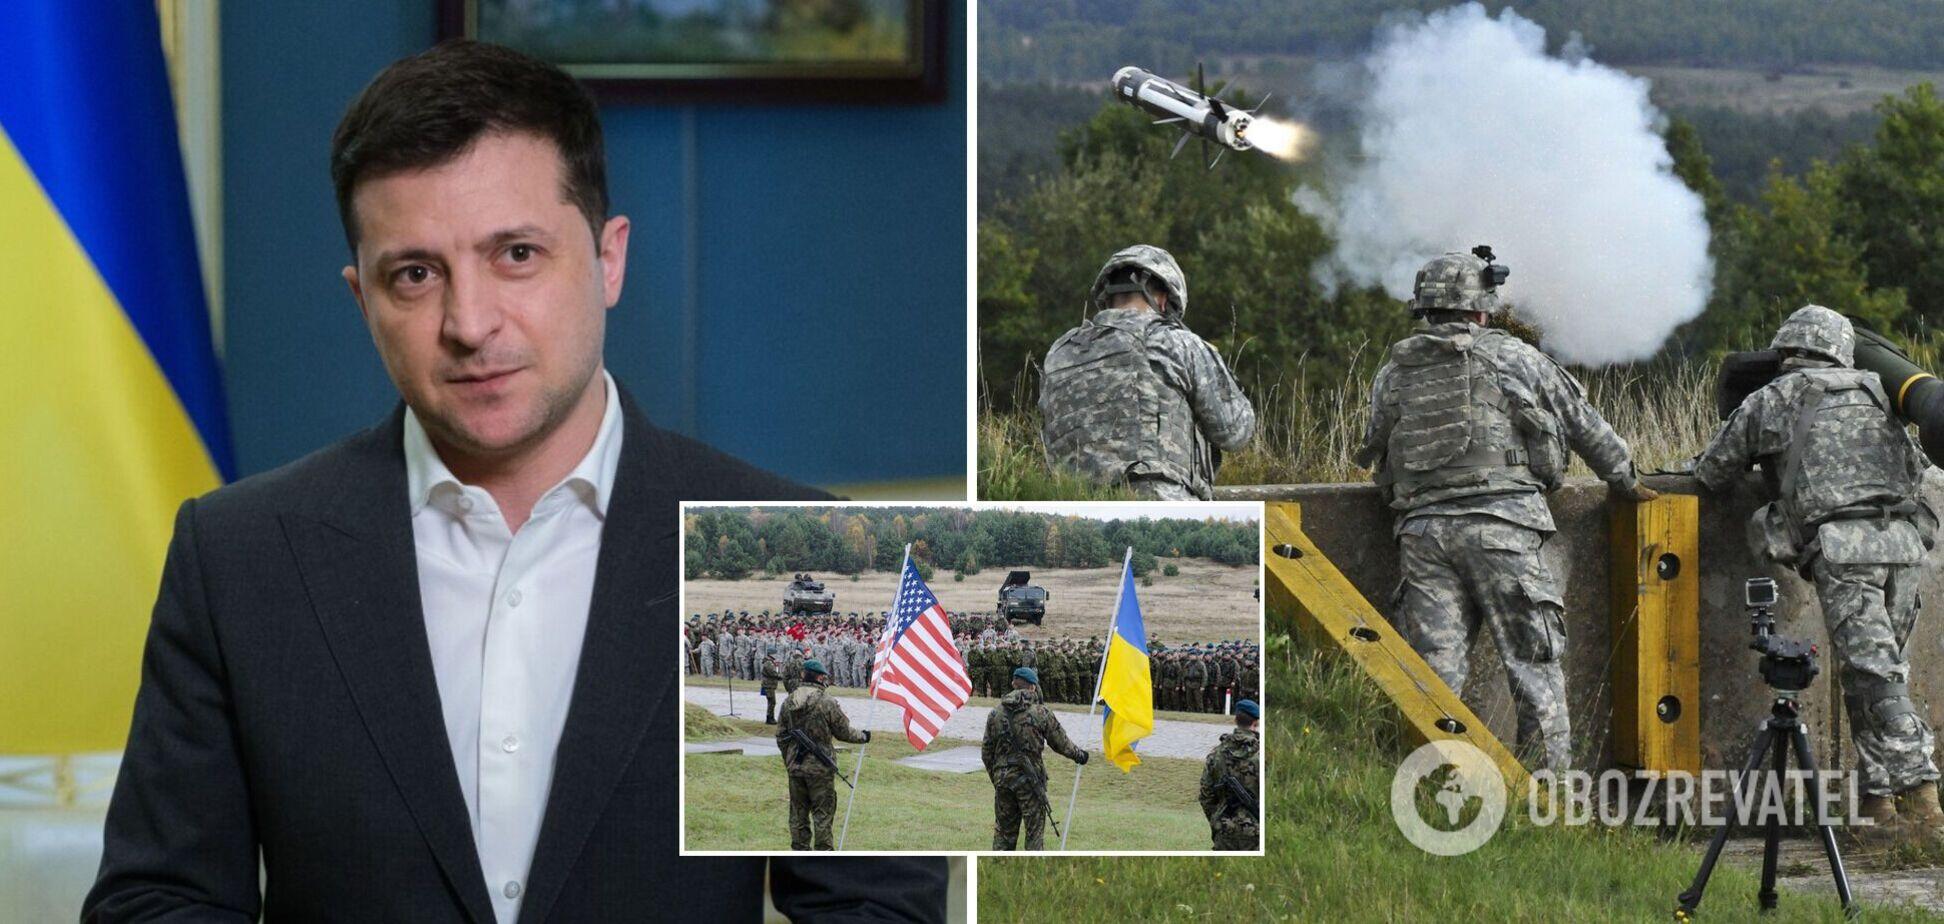 Зеленський пояснив, яку військову допомогу просив для України в США